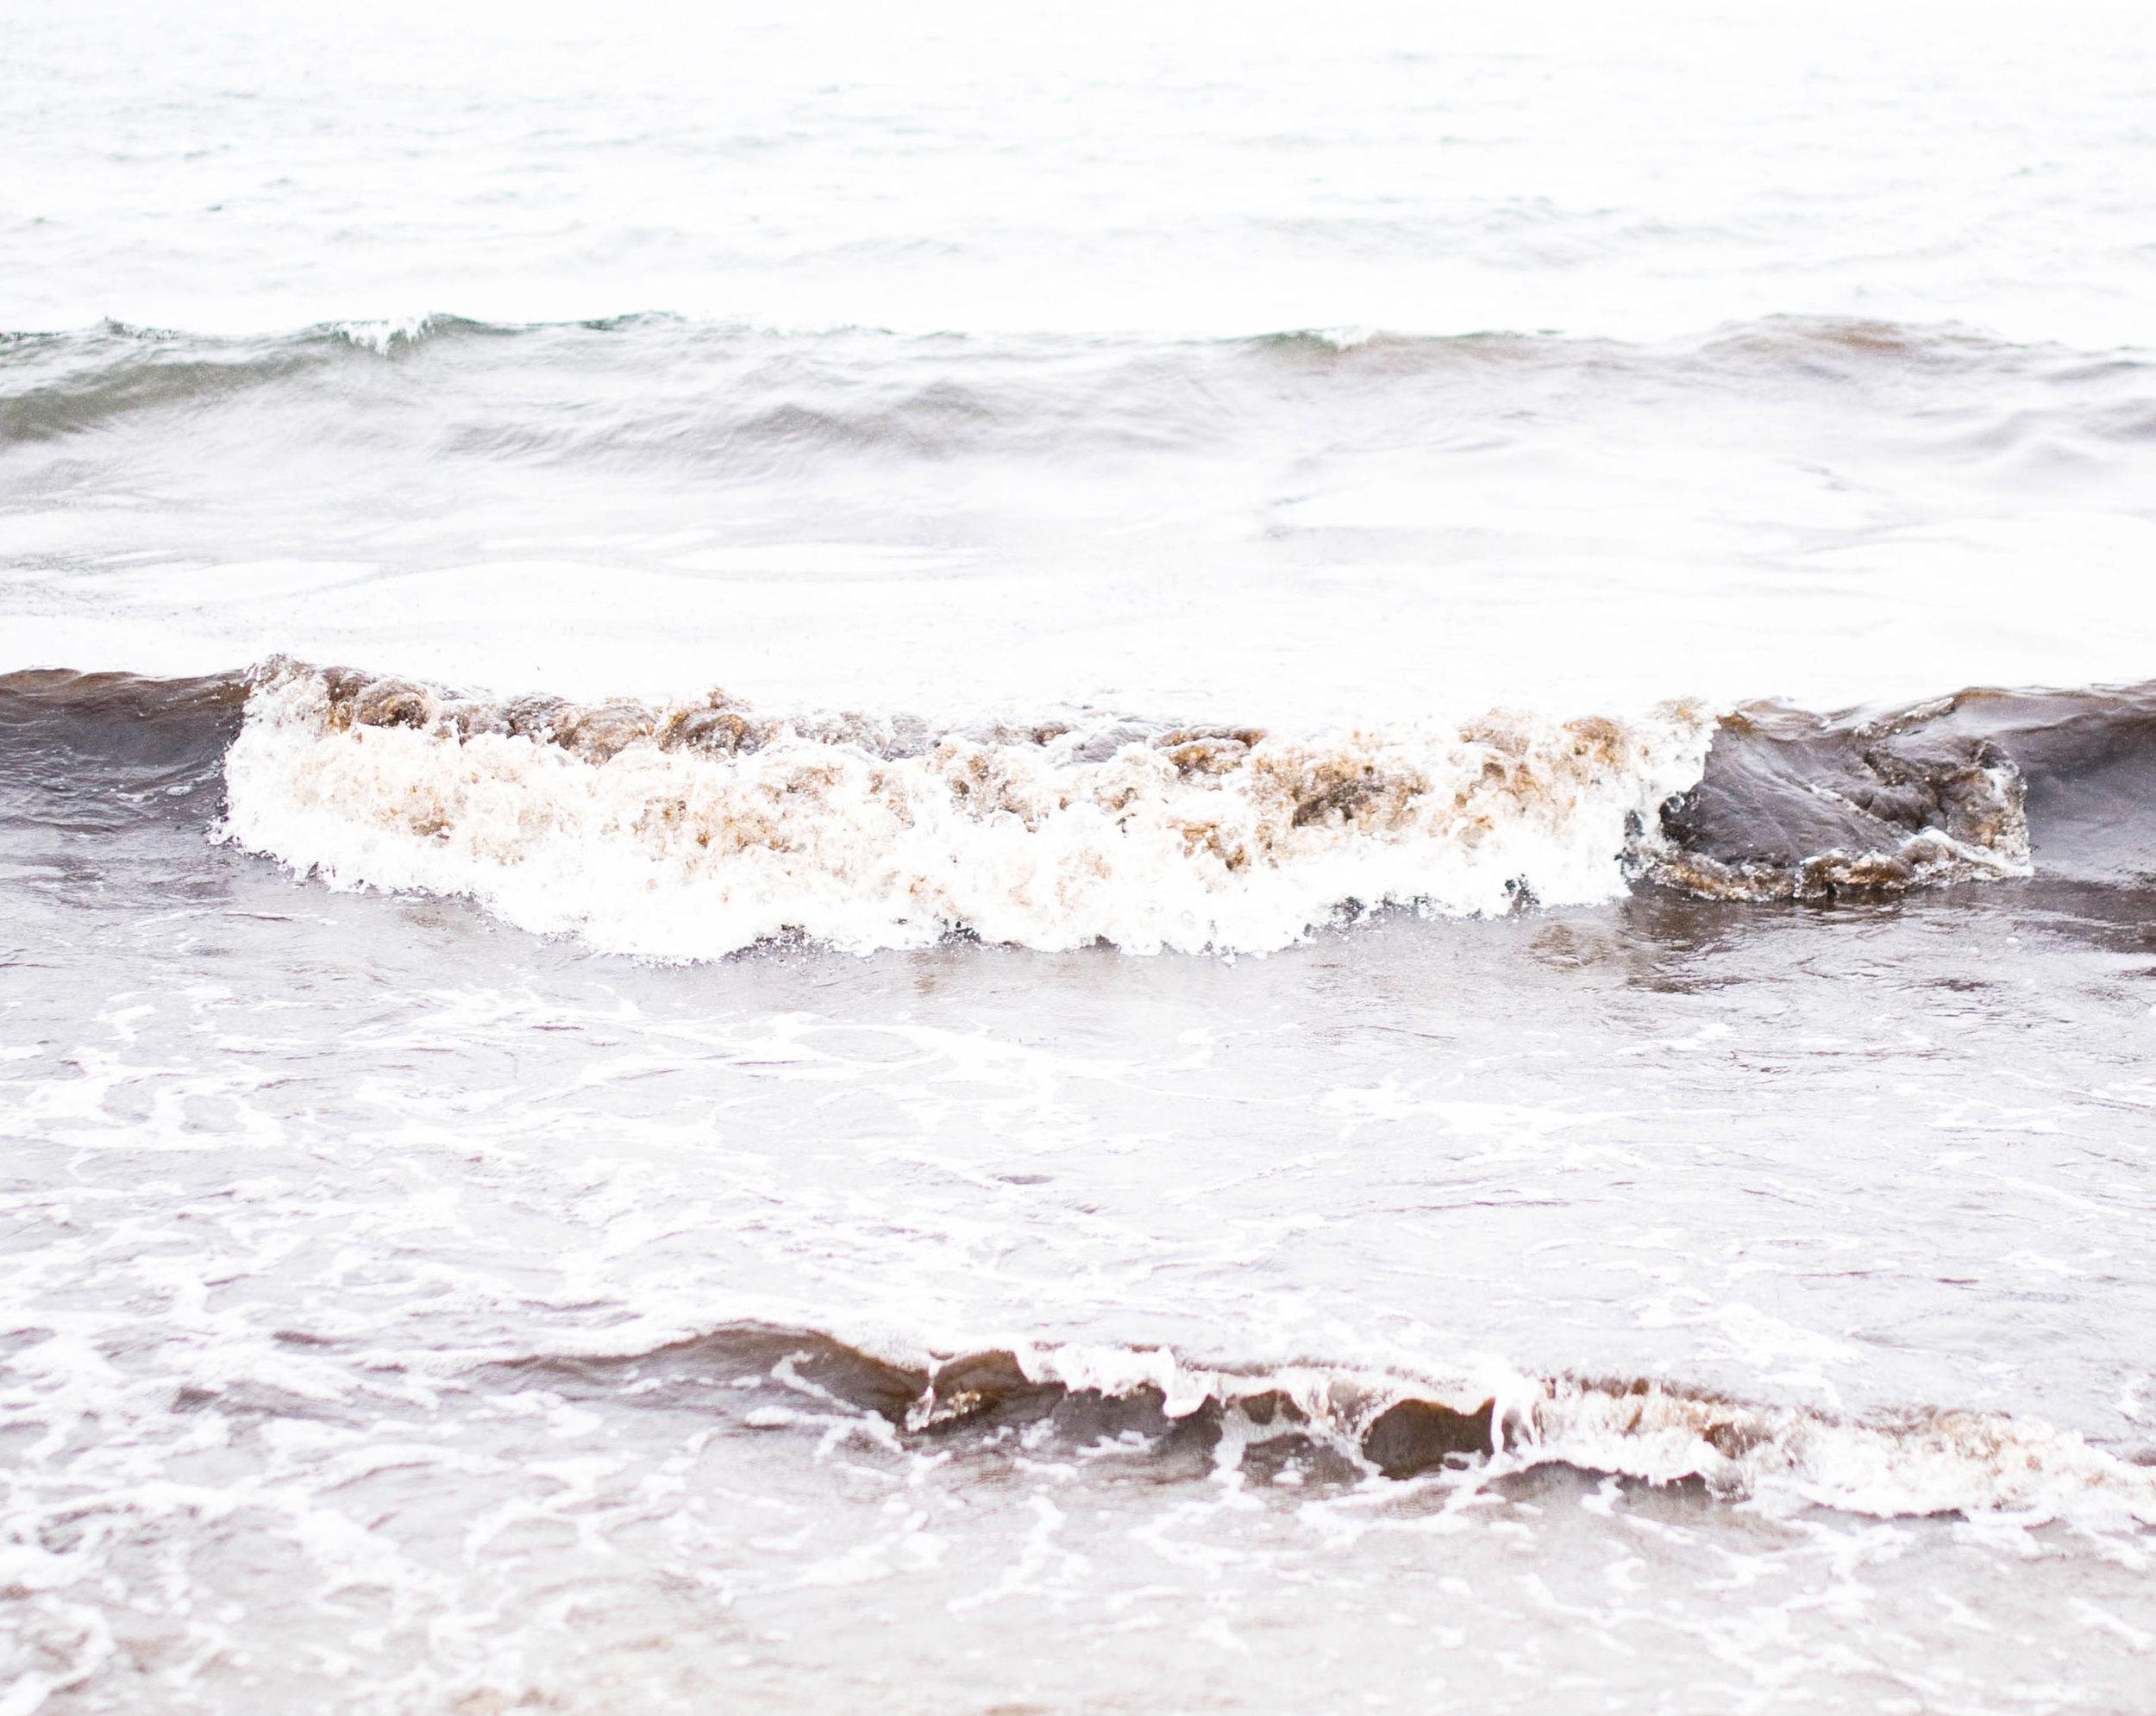 Stranden-46 besk.jpg